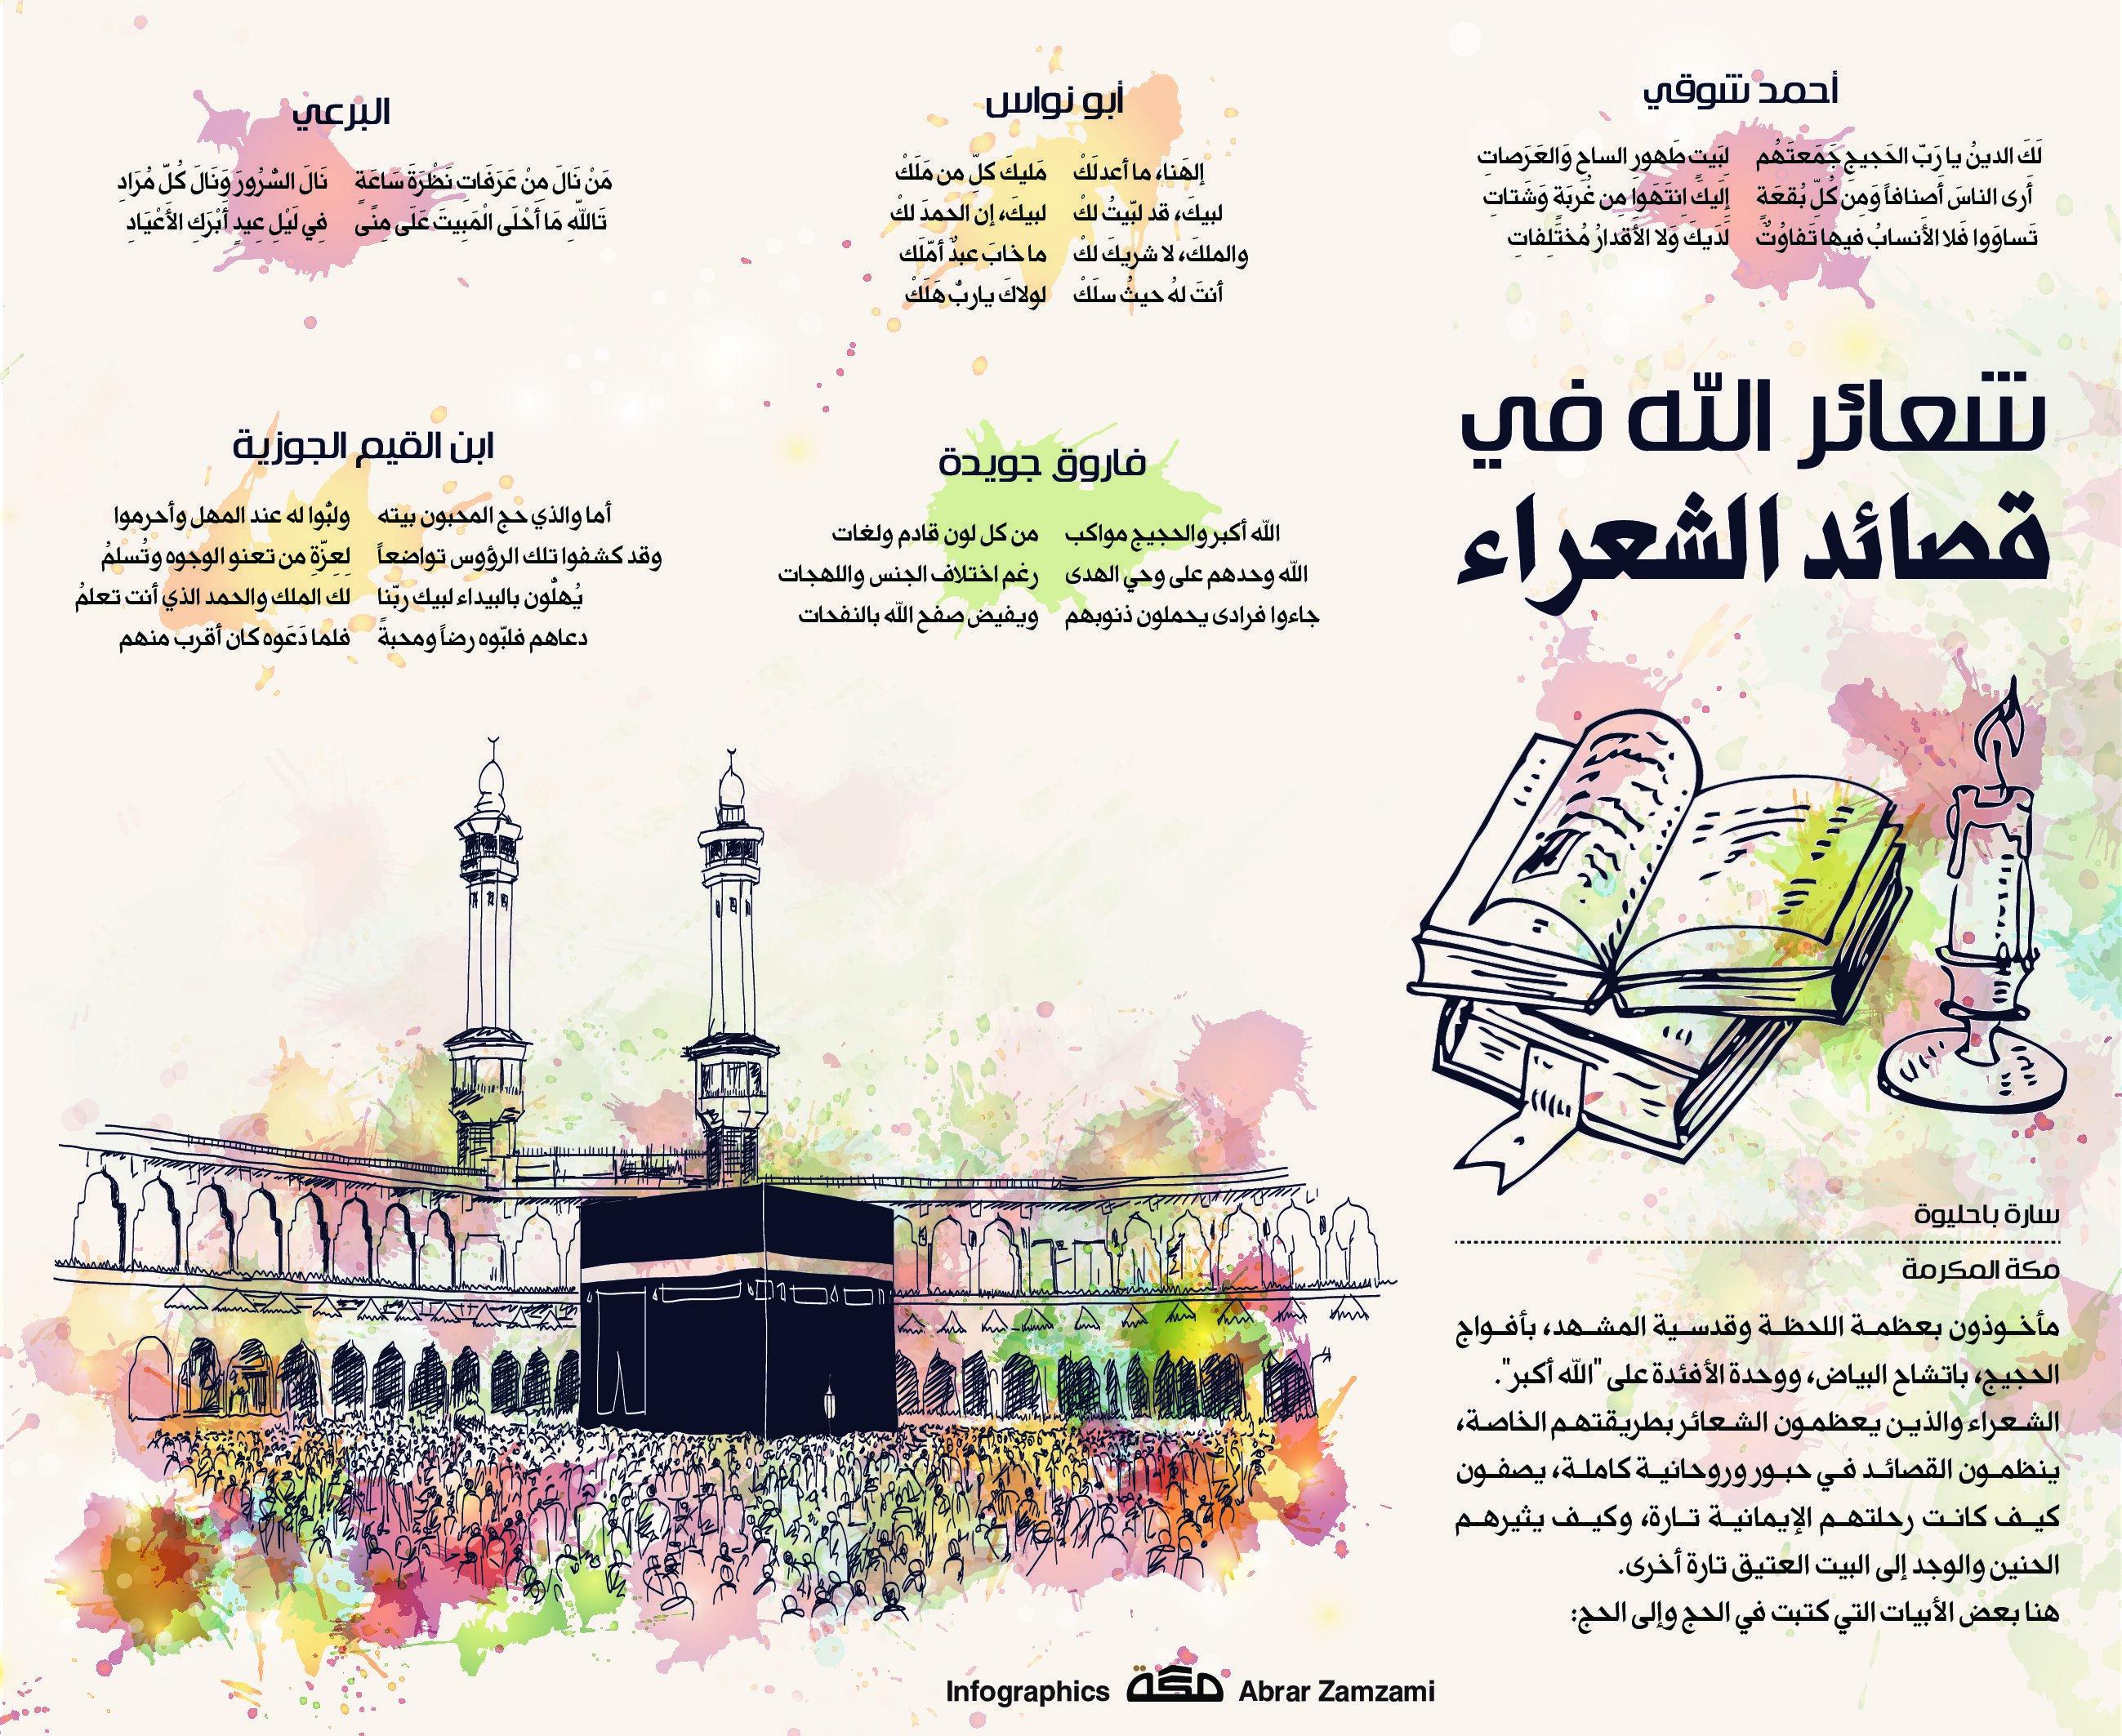 شعائر الله في قصائد الشعراء صحيفة مكة انفوجرافيك قراءة Ecard Meme Infographic Memes